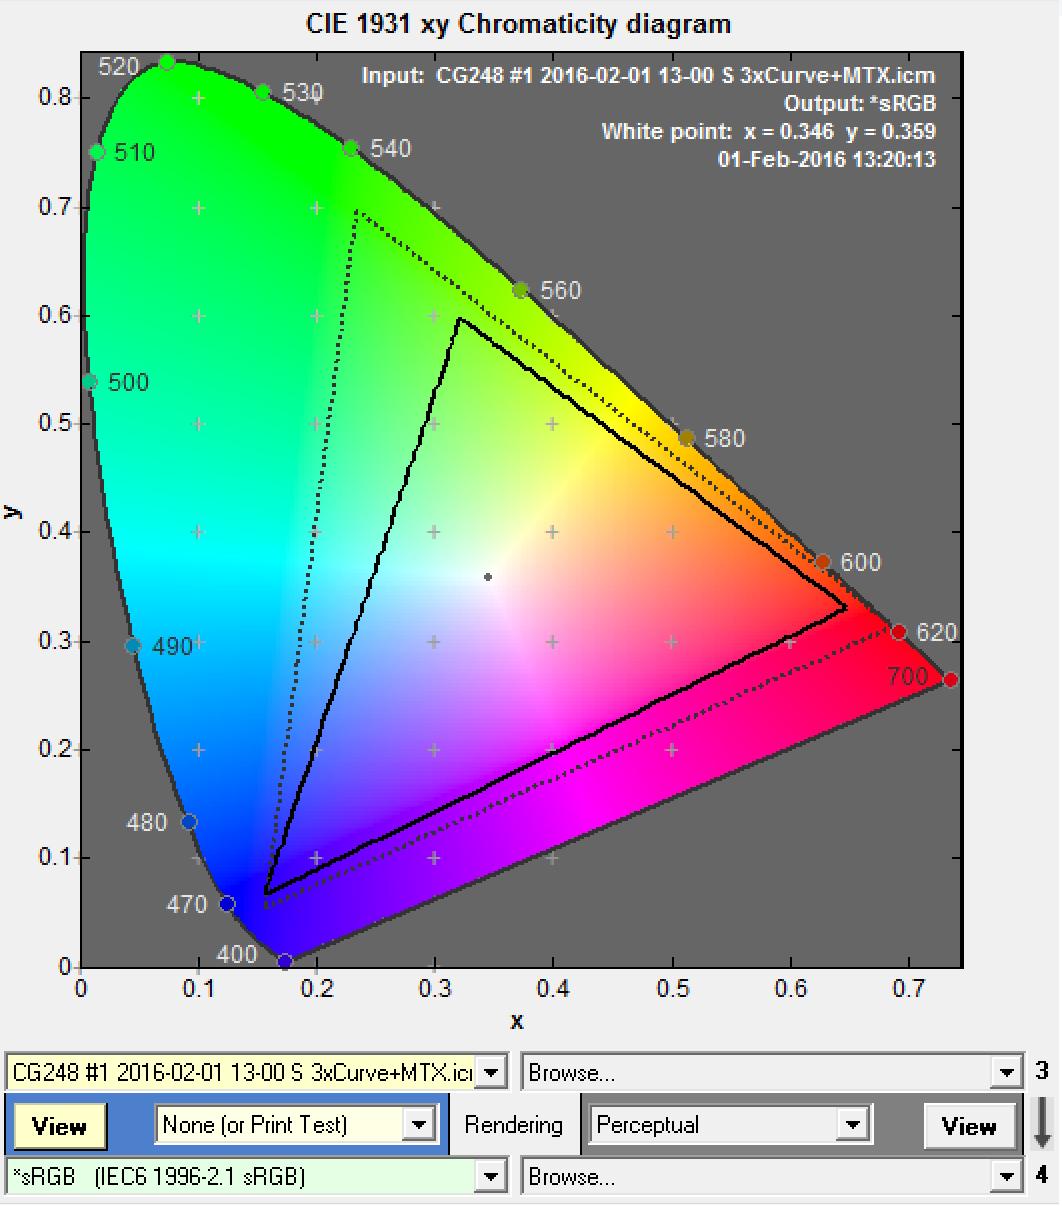 gamut cg248 rispetto al srgb (2d)